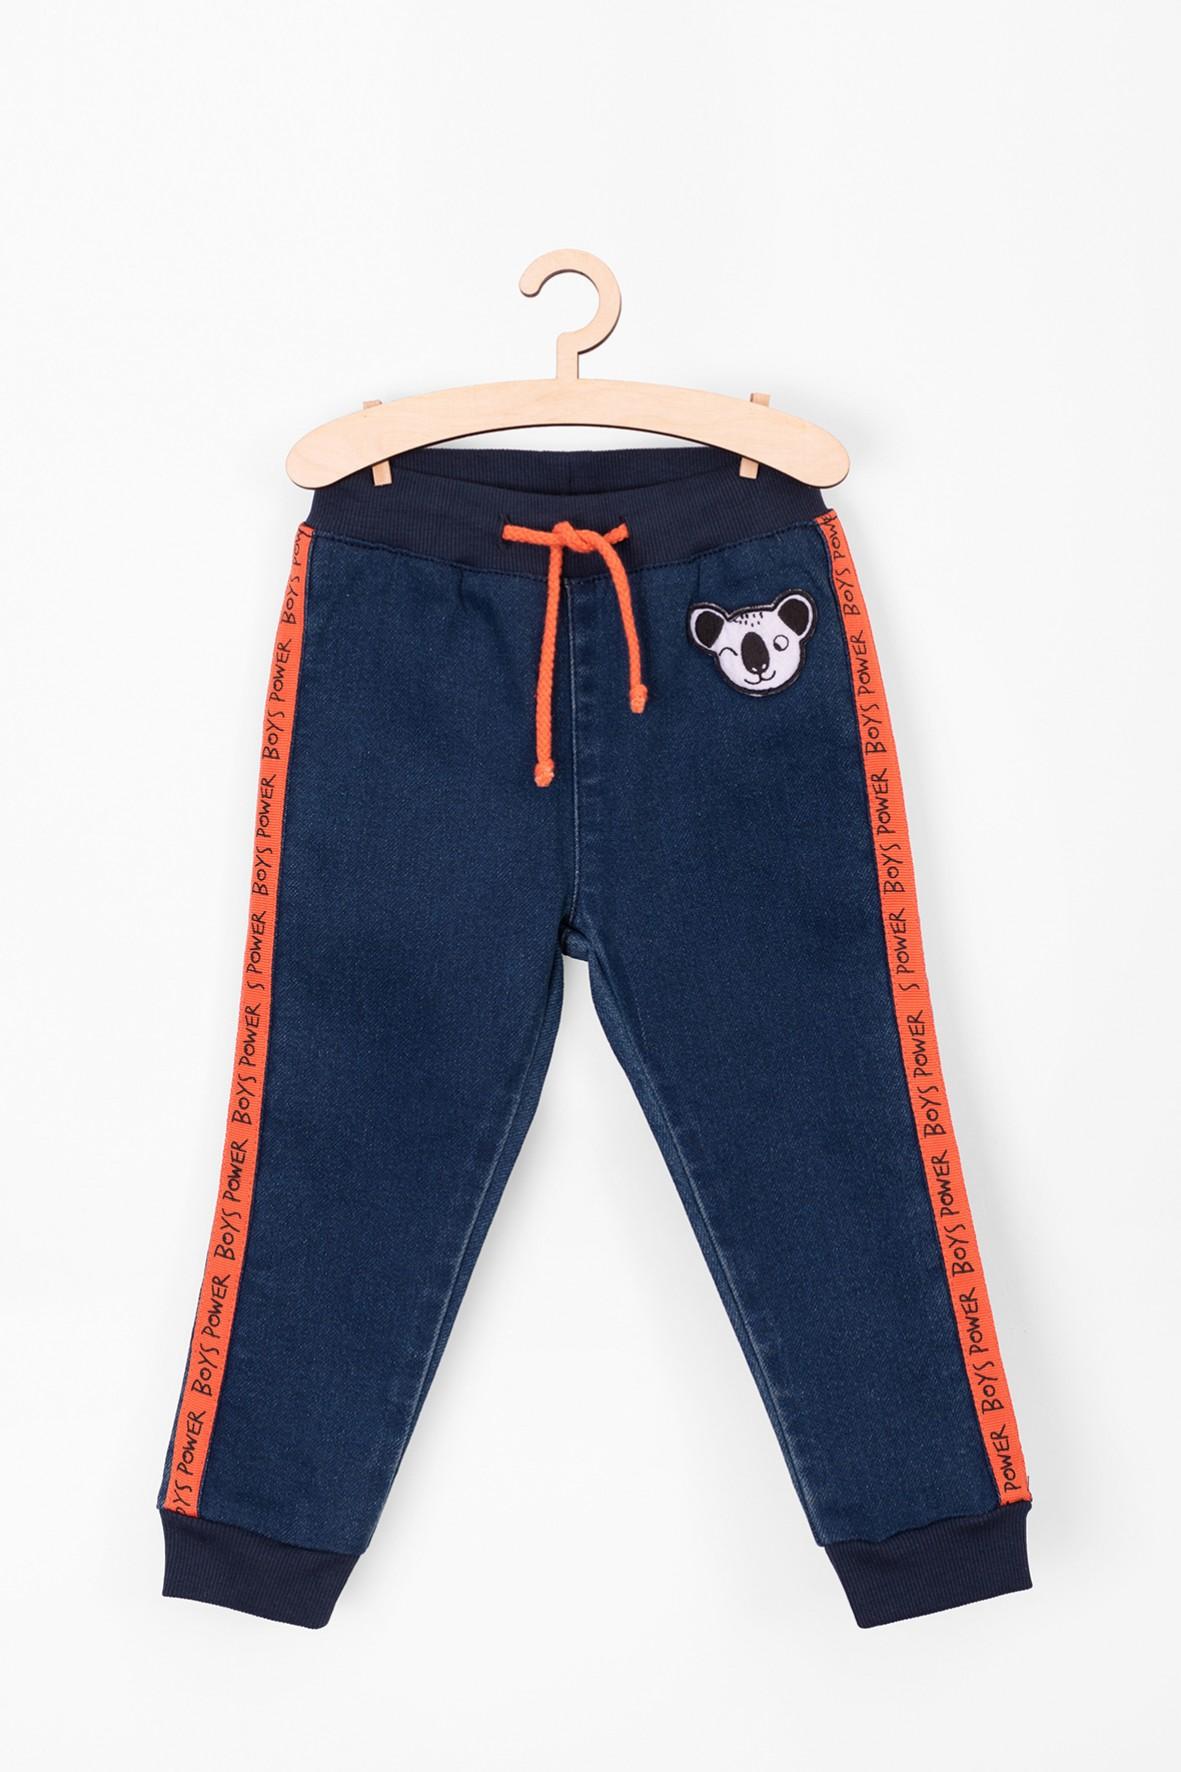 Spodnie chłopięce jeansowe z pandą